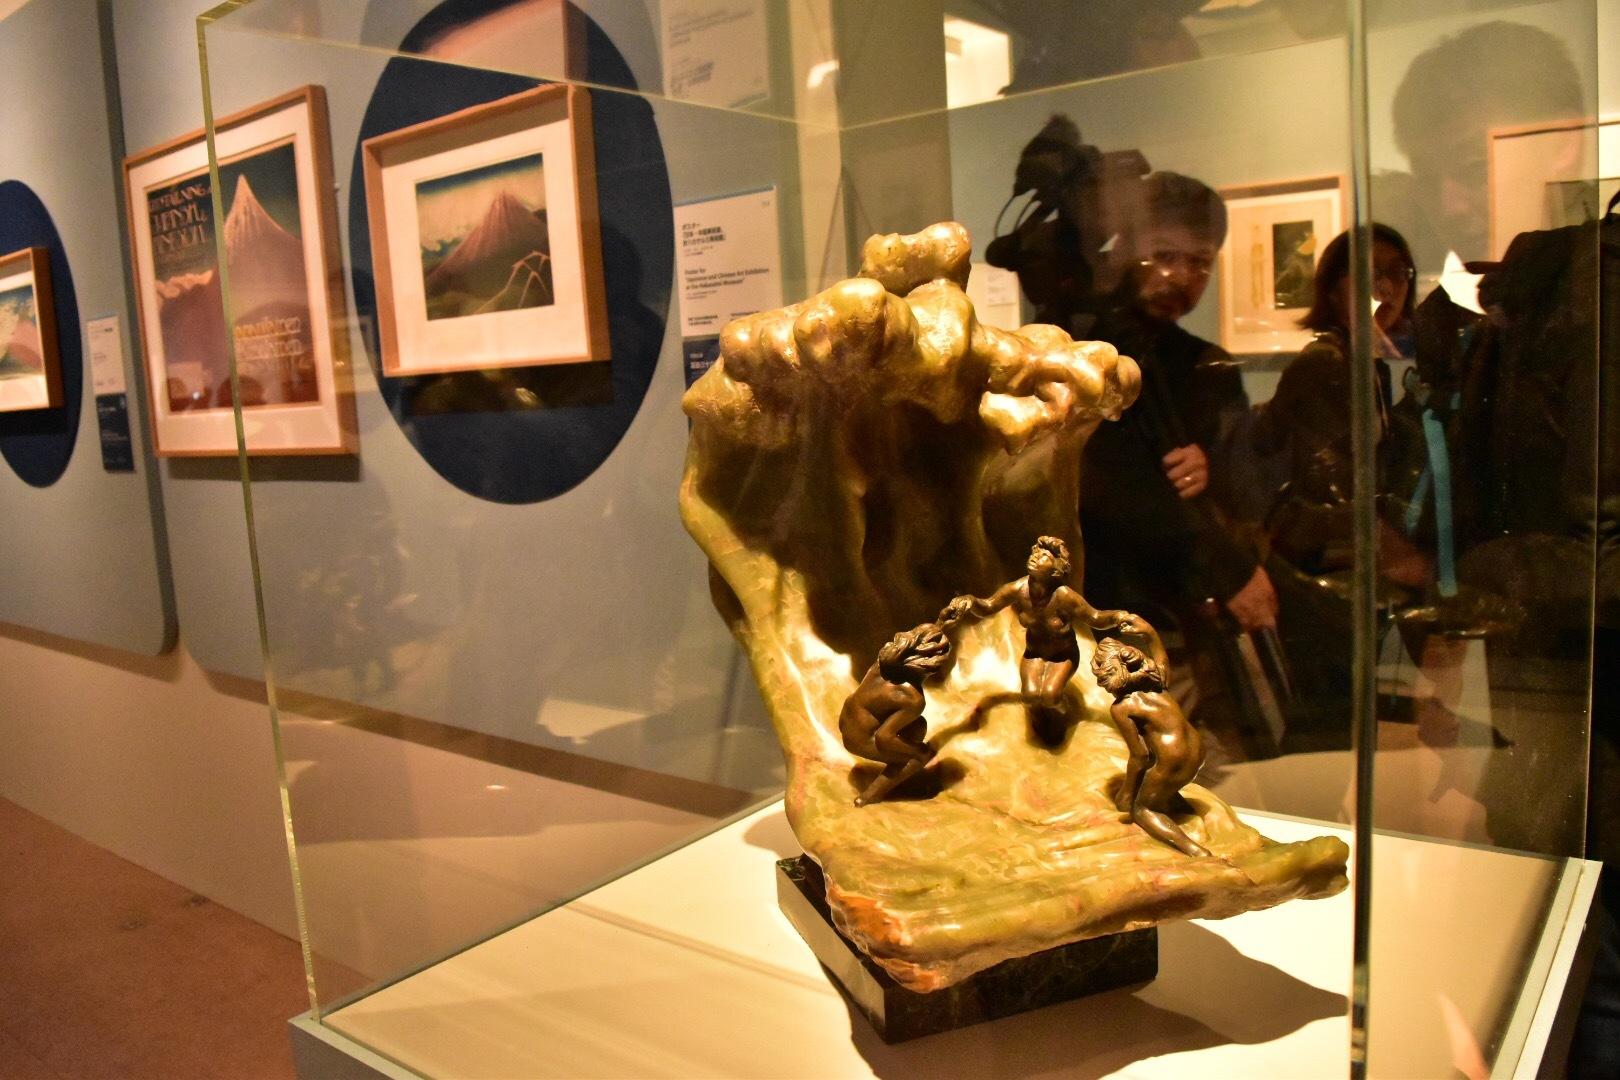 カミーユ・クローデル《波》1897-1903年 ロダン美術館、パリ